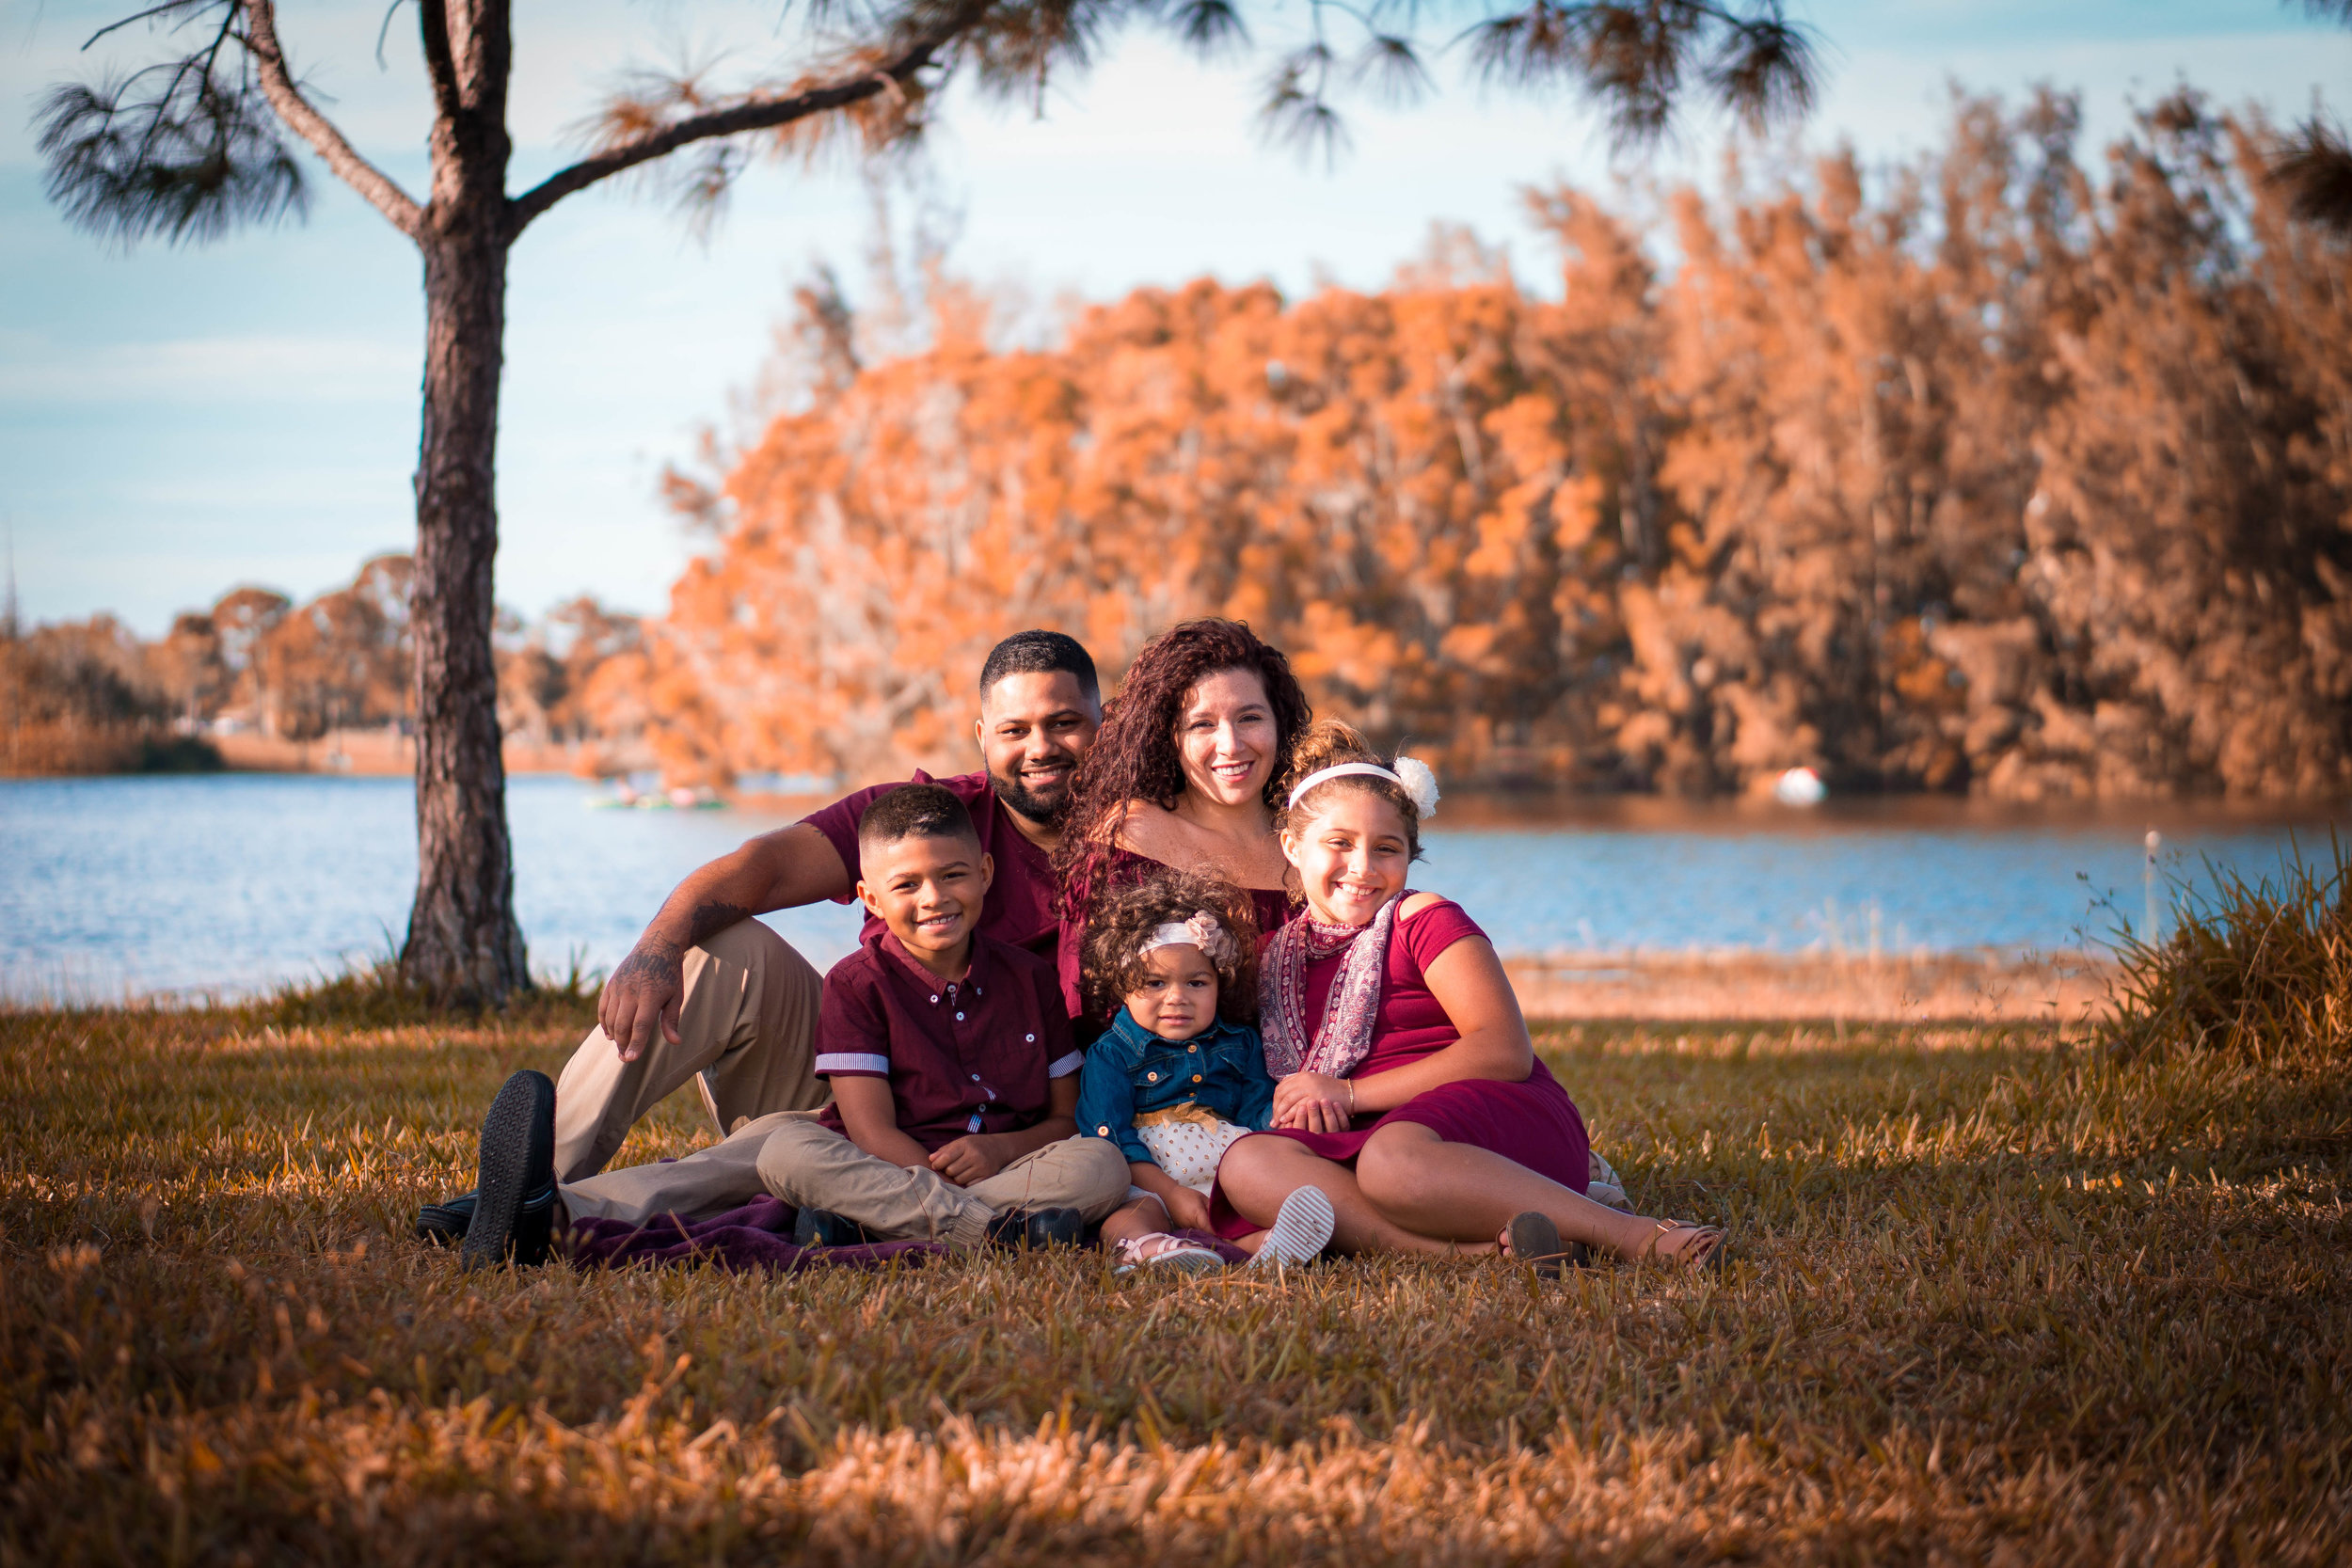 Tina-Mestre-Photography-for-Heredia-Family-3.jpg